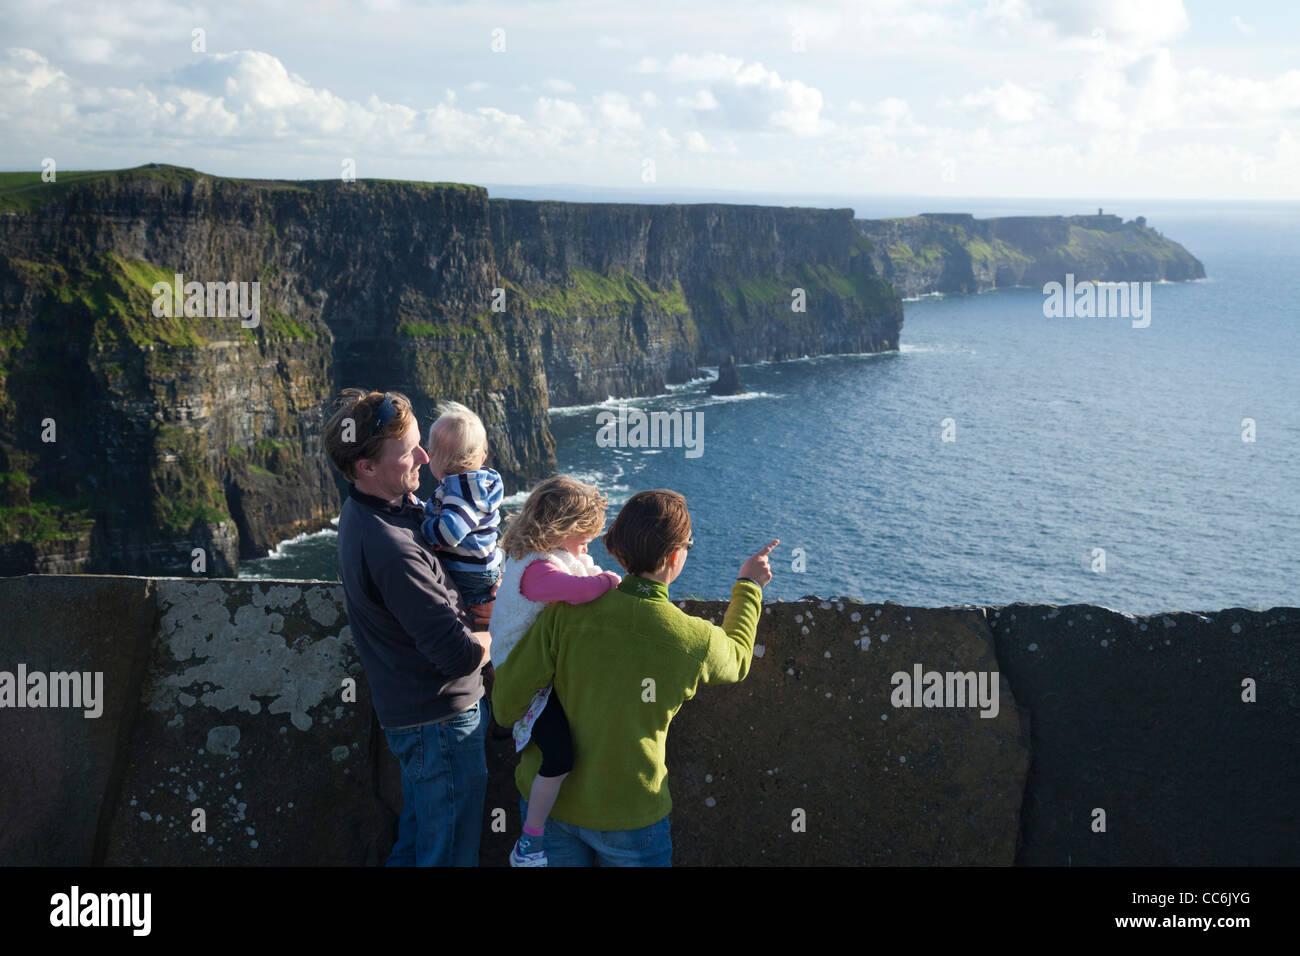 Familia disfrutando de las vistas a los Acantilados de Moher, el Burren, en el condado de Clare, Irlanda. Imagen De Stock